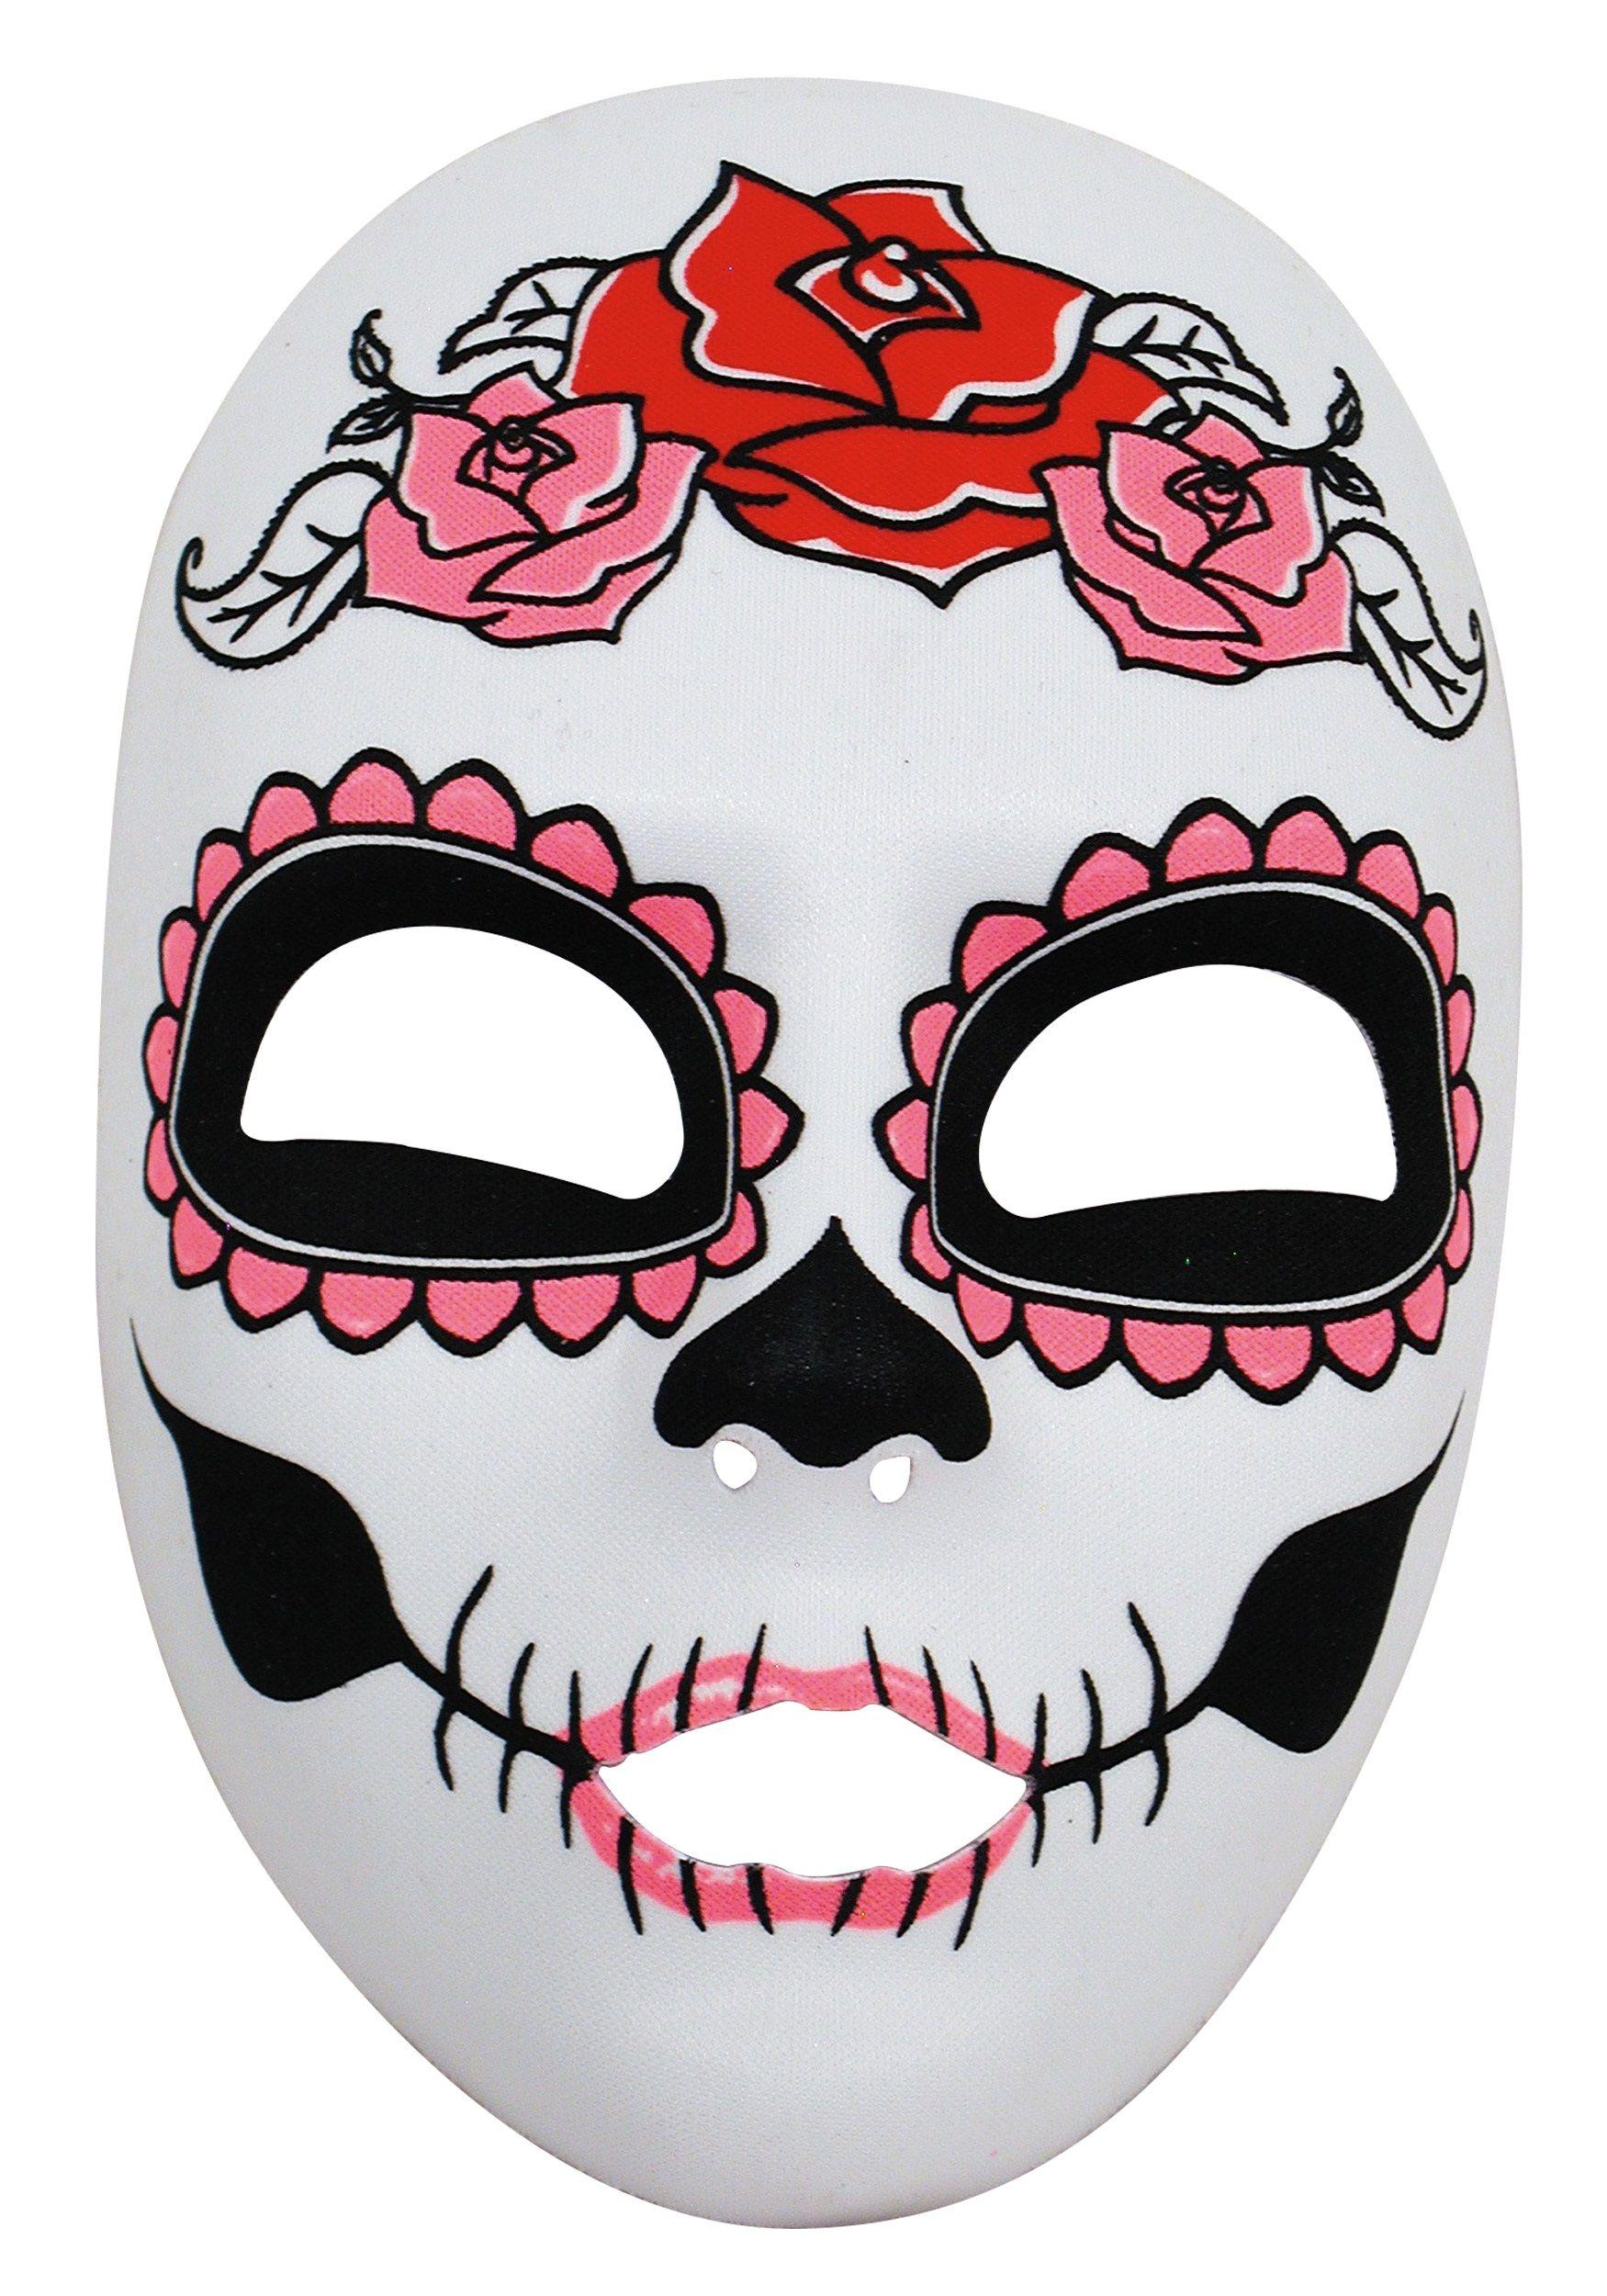 womensdayofthedeadfullfacemask.jpg (1750×2500